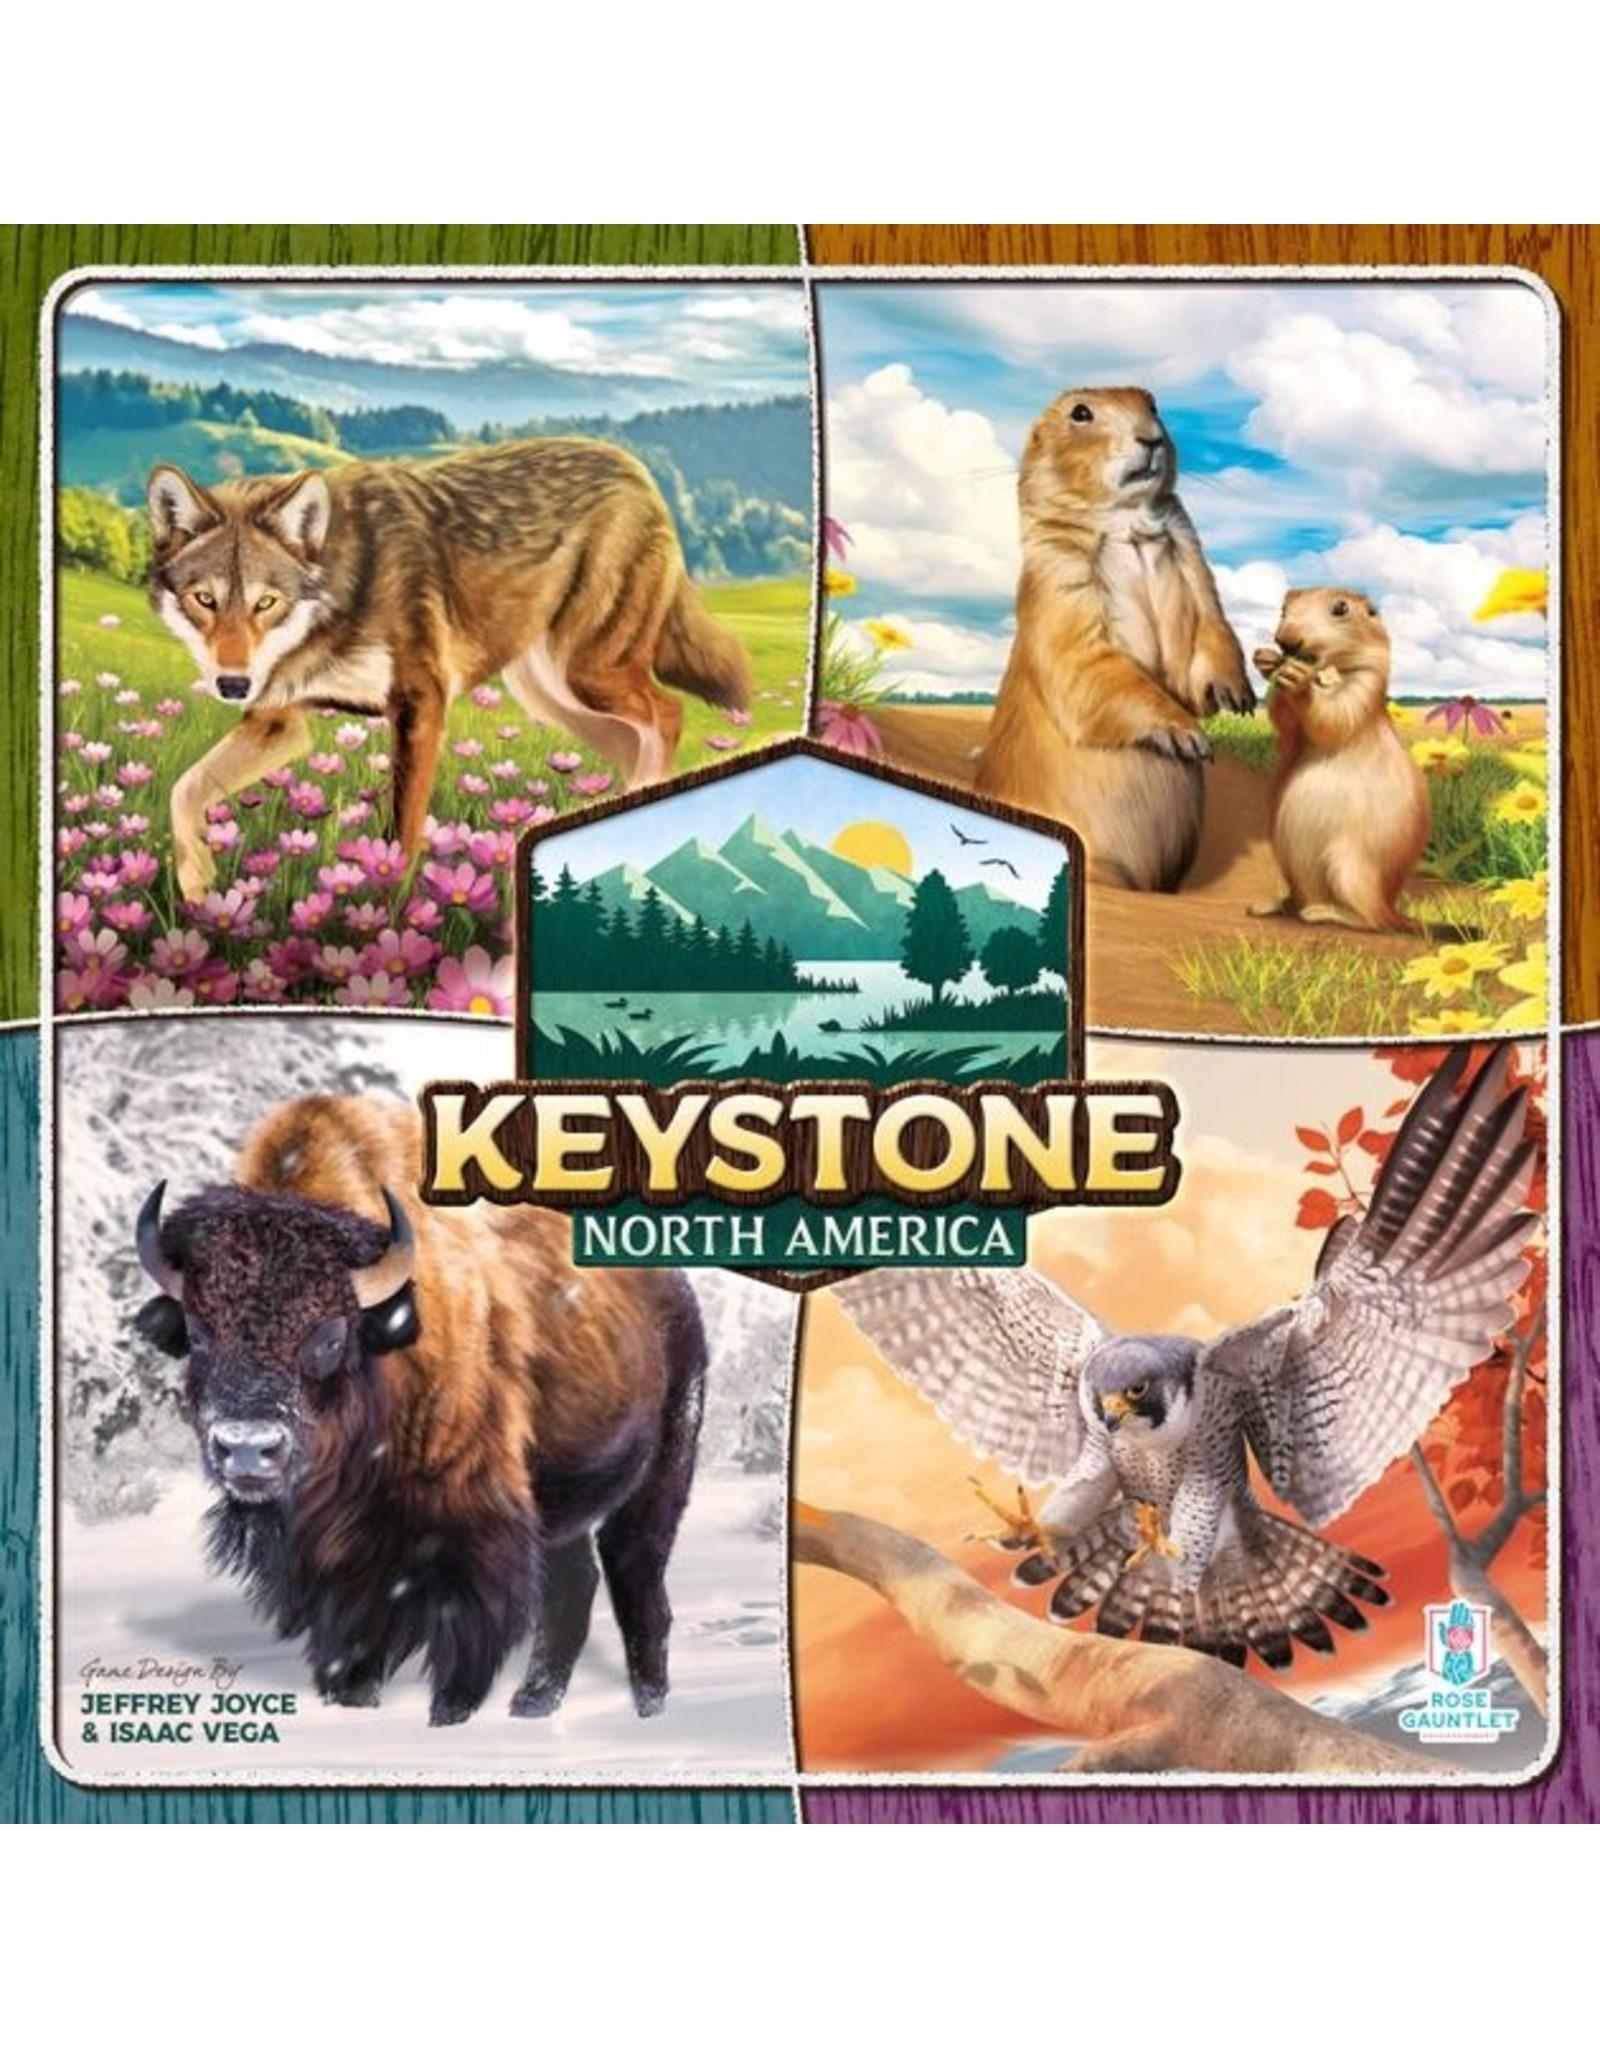 Keystone: North America - Standard Edition